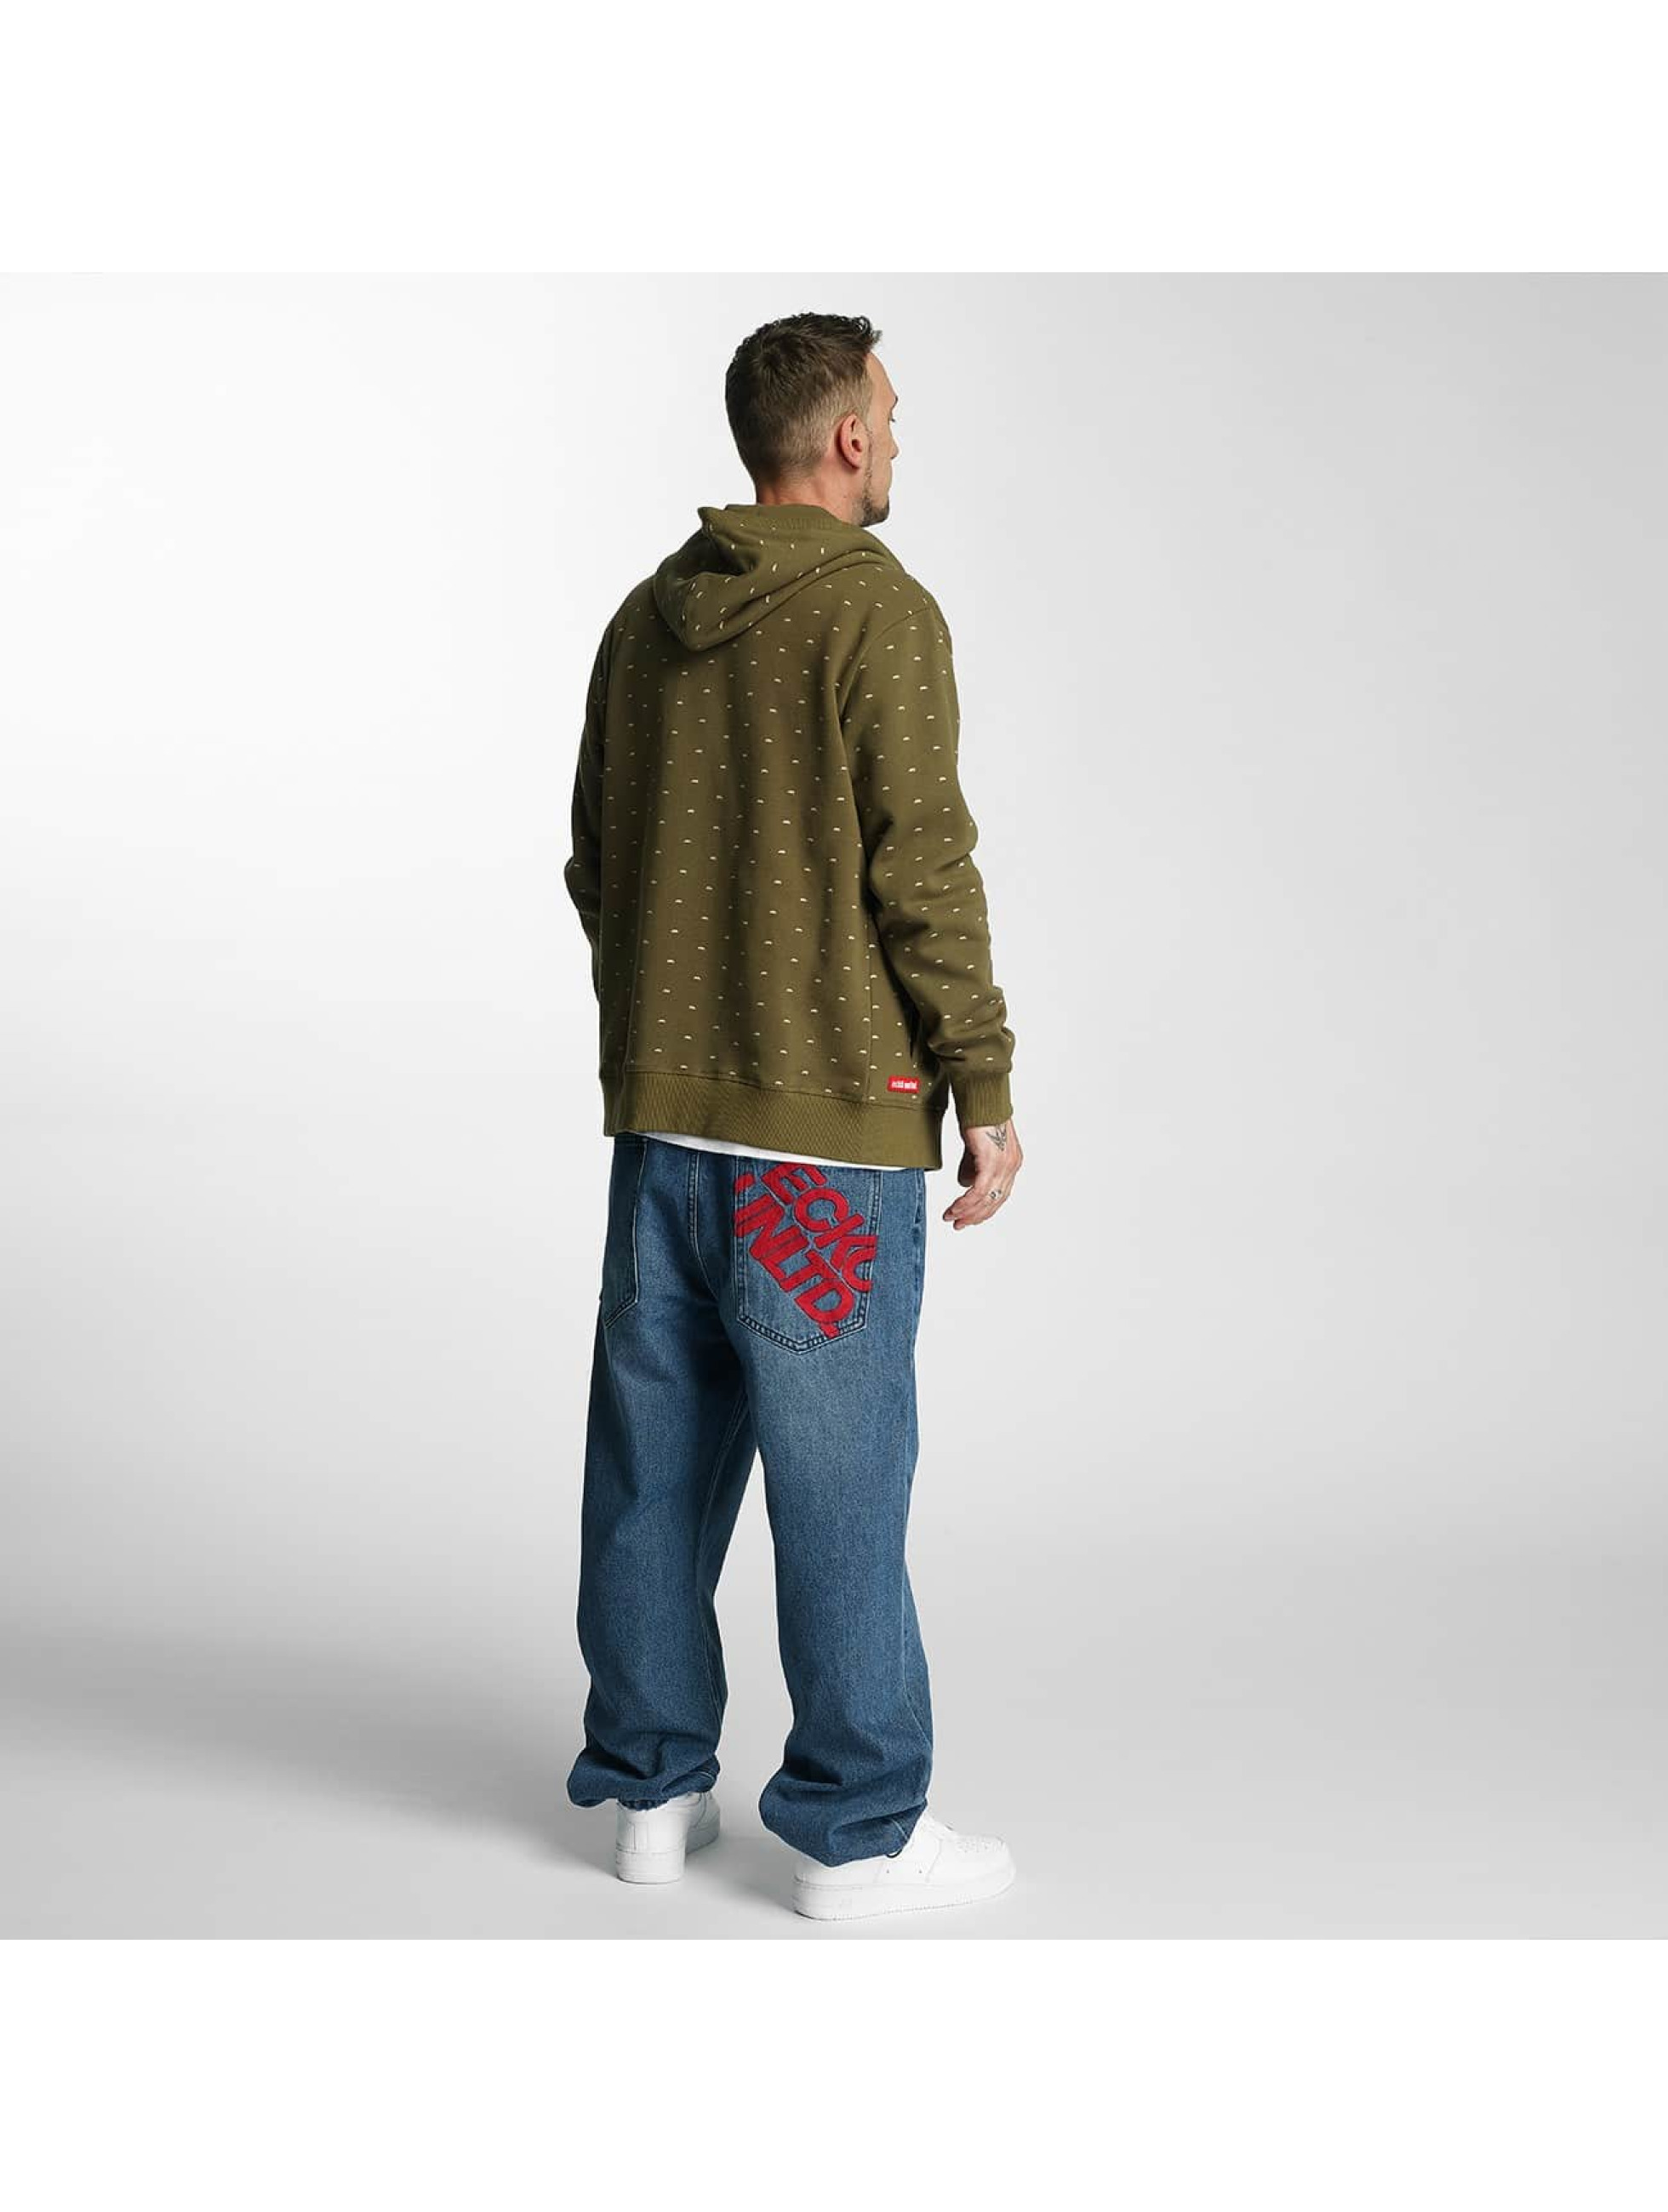 Ecko Unltd. Spodnie Baggy Naboo niebieski